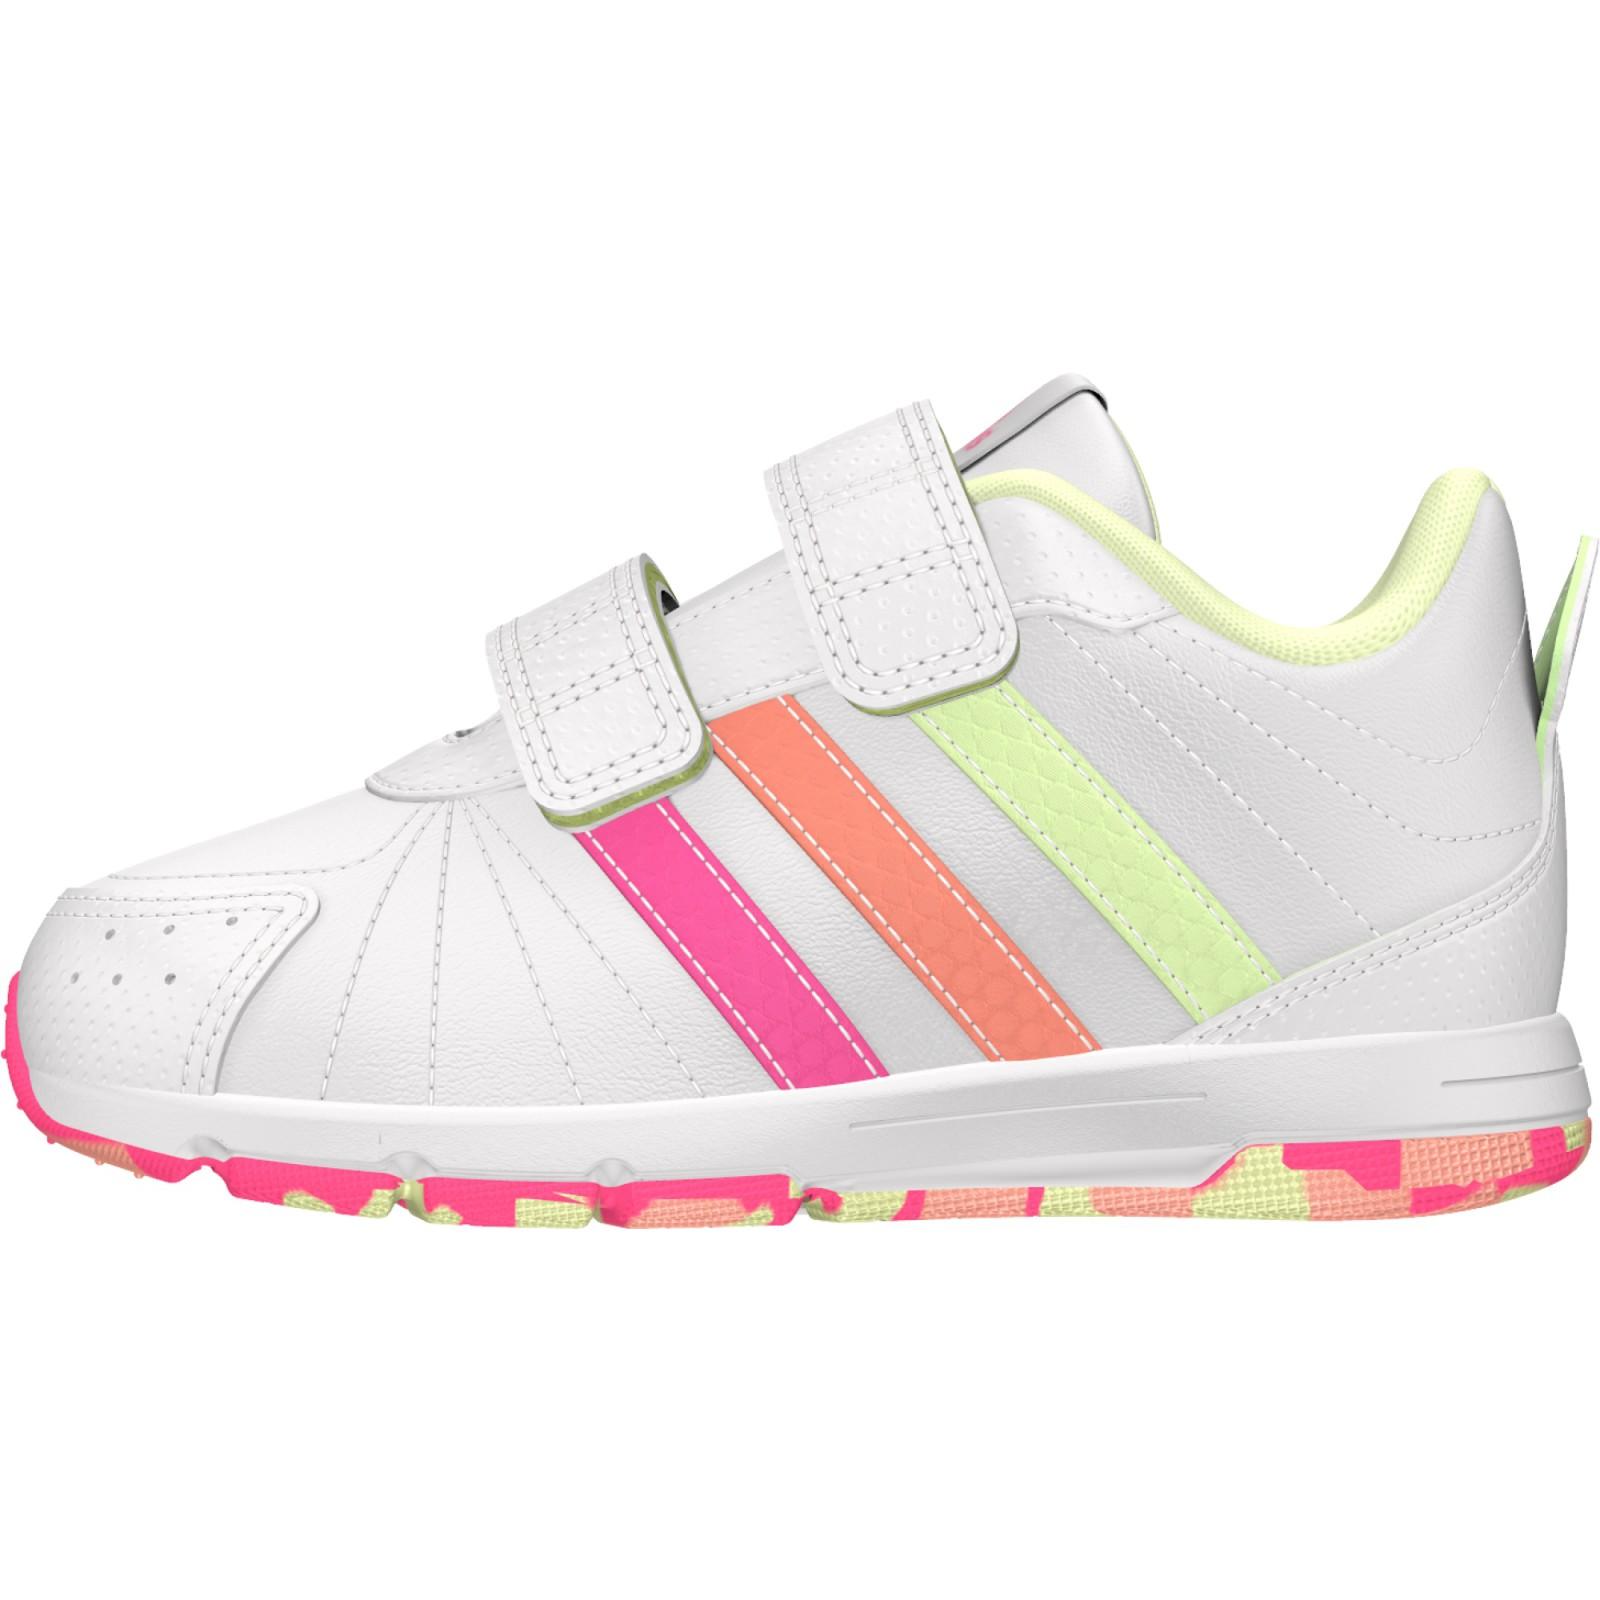 Dětské tenisky adidas Snice 3 CF I  e25f1473ede